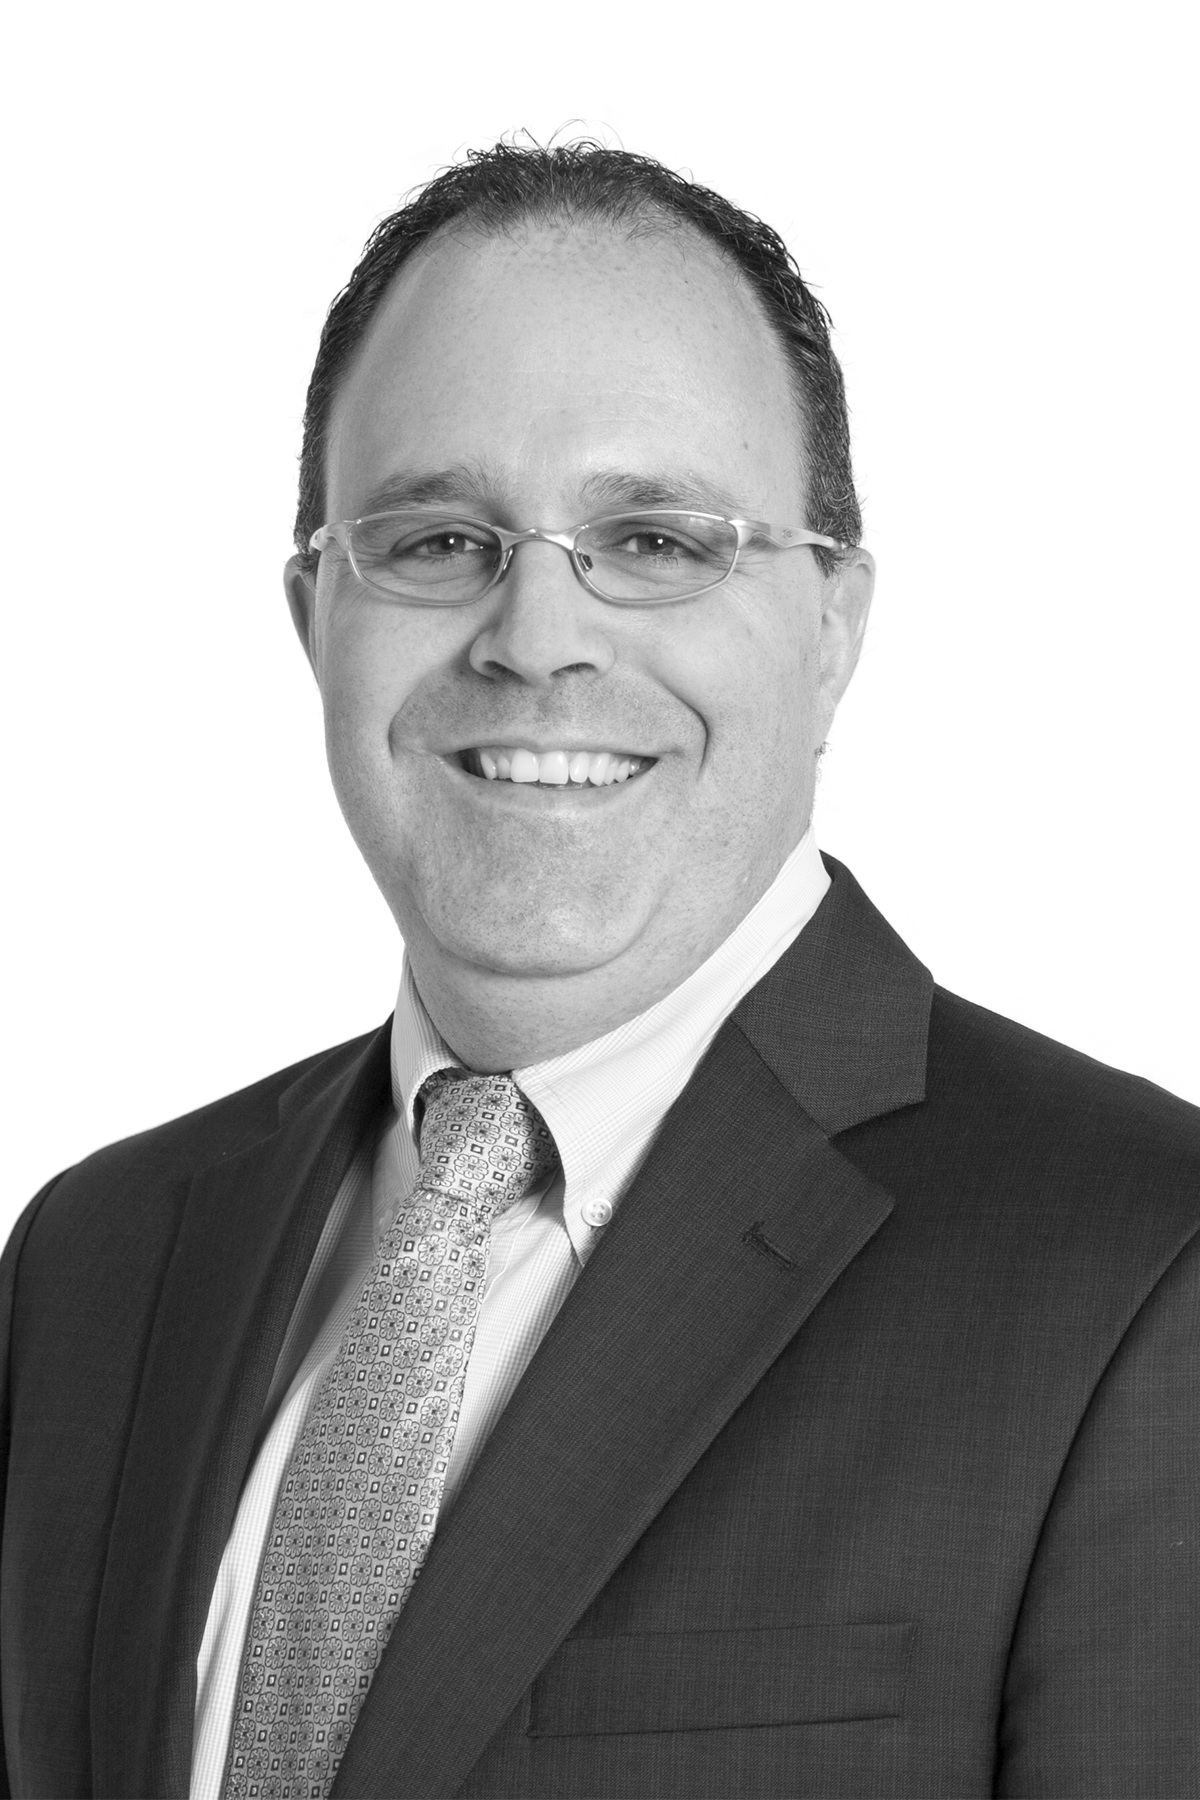 François Gingras Ing. MBA - Détenteur d'un MBA et d'un BAC en génie électrique de l'Université Laval, François Gingras a commencé sa carrière dans les hautes technologies en tant qu'ingénieur chez Nortel Networks. Par la suite, il a œuvré durant plusieurs années dans le domaine alimentaire pour le Groupe Biscuits Leclerc à titre de chargé de projet, mais principalement en tant que directeur de l'ingénierie entre 2005 et 2015, lui permettant ainsi de renforcer son expérience professionnelle dans la planification et la gestion de ressources matérielles, financières et humaines.Au cours de son cheminement professionnel, François Gingras a su développer ses compétences de gestionnaire, entre autres, par la réalisation d'implantations et d'agrandissements d'usine, par l'élaboration et la mise en place d'orientations technologiques et stratégiques d'entreprise ainsi que par la planification, la conception et la gestion financière de projets majeurs d'investissement, et ce, tant au Québec, en Ontario qu'aux États-Unis. Ses réalisations lui ont également permis de développer son leadership et sa capacité de mobilisation de ses ressources.Puisqu'au fil des années il a habité dans différentes provinces du Canada et aux États-Unis, il a une bonne connaissance des marchés canadiens et américains et est en mesure de comprendre la réalité culturelle et économique de ces marchés. Il a également acquis une expertise en négociation et achat d'équipements avec des fournisseurs internationaux.M. Gingras a rejoint les rangs du Centre de recherche industrielle du Québec en août 2015 à titre de directeur de la direction Équipements industriels et Productivité.